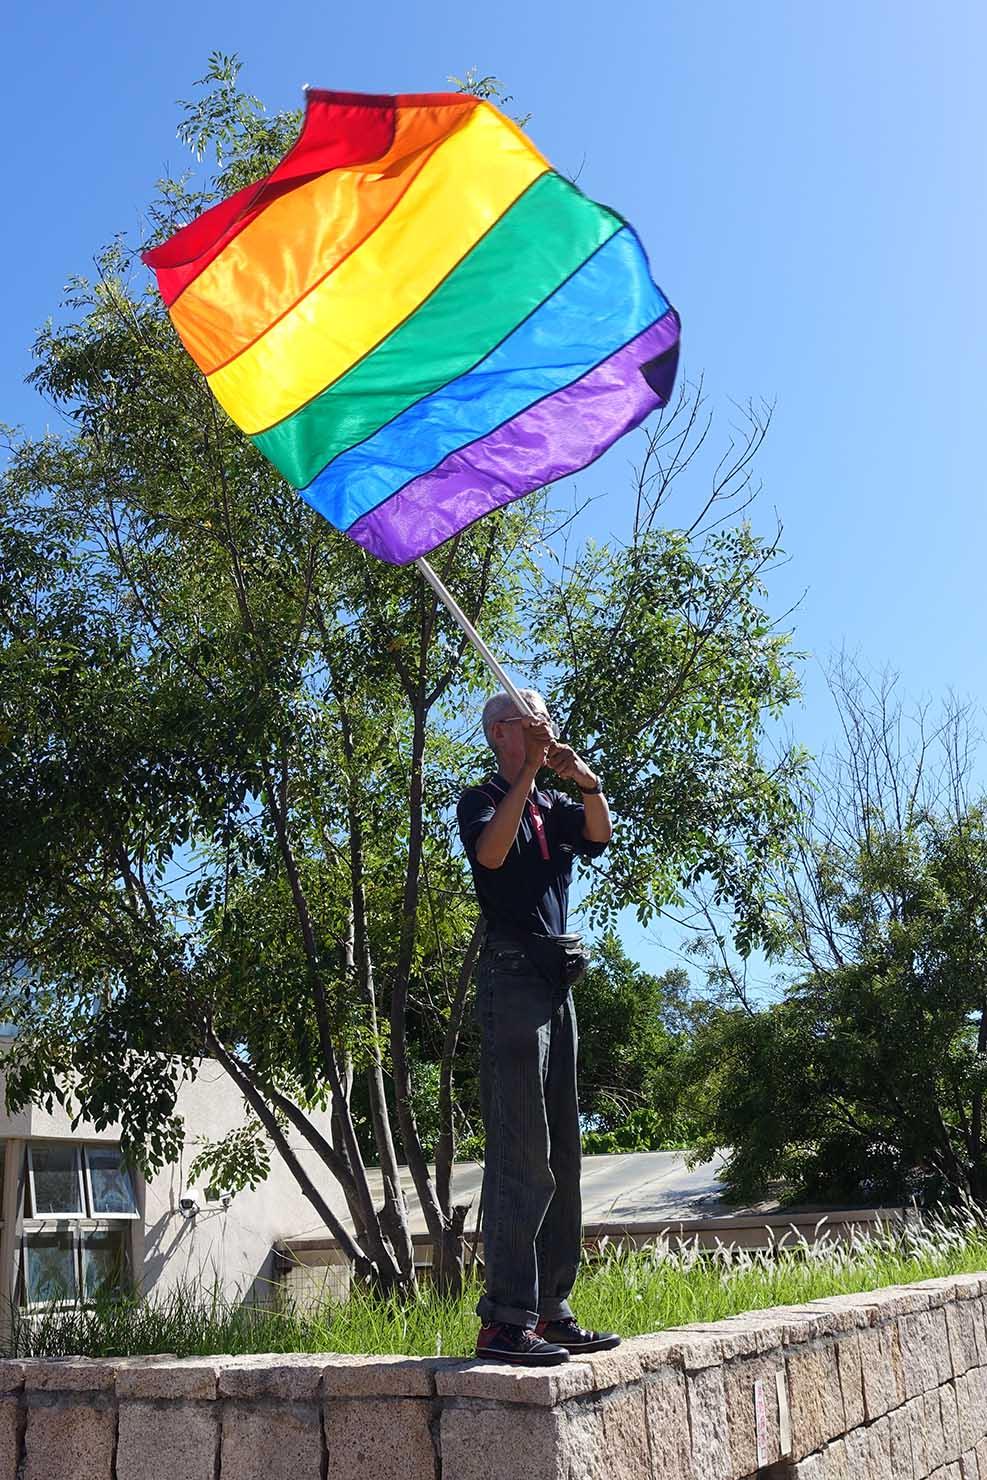 台湾東部のLGBTプライド「花東彩虹嘉年華」でレインボーフラッグを振る活動家・祁家威氏